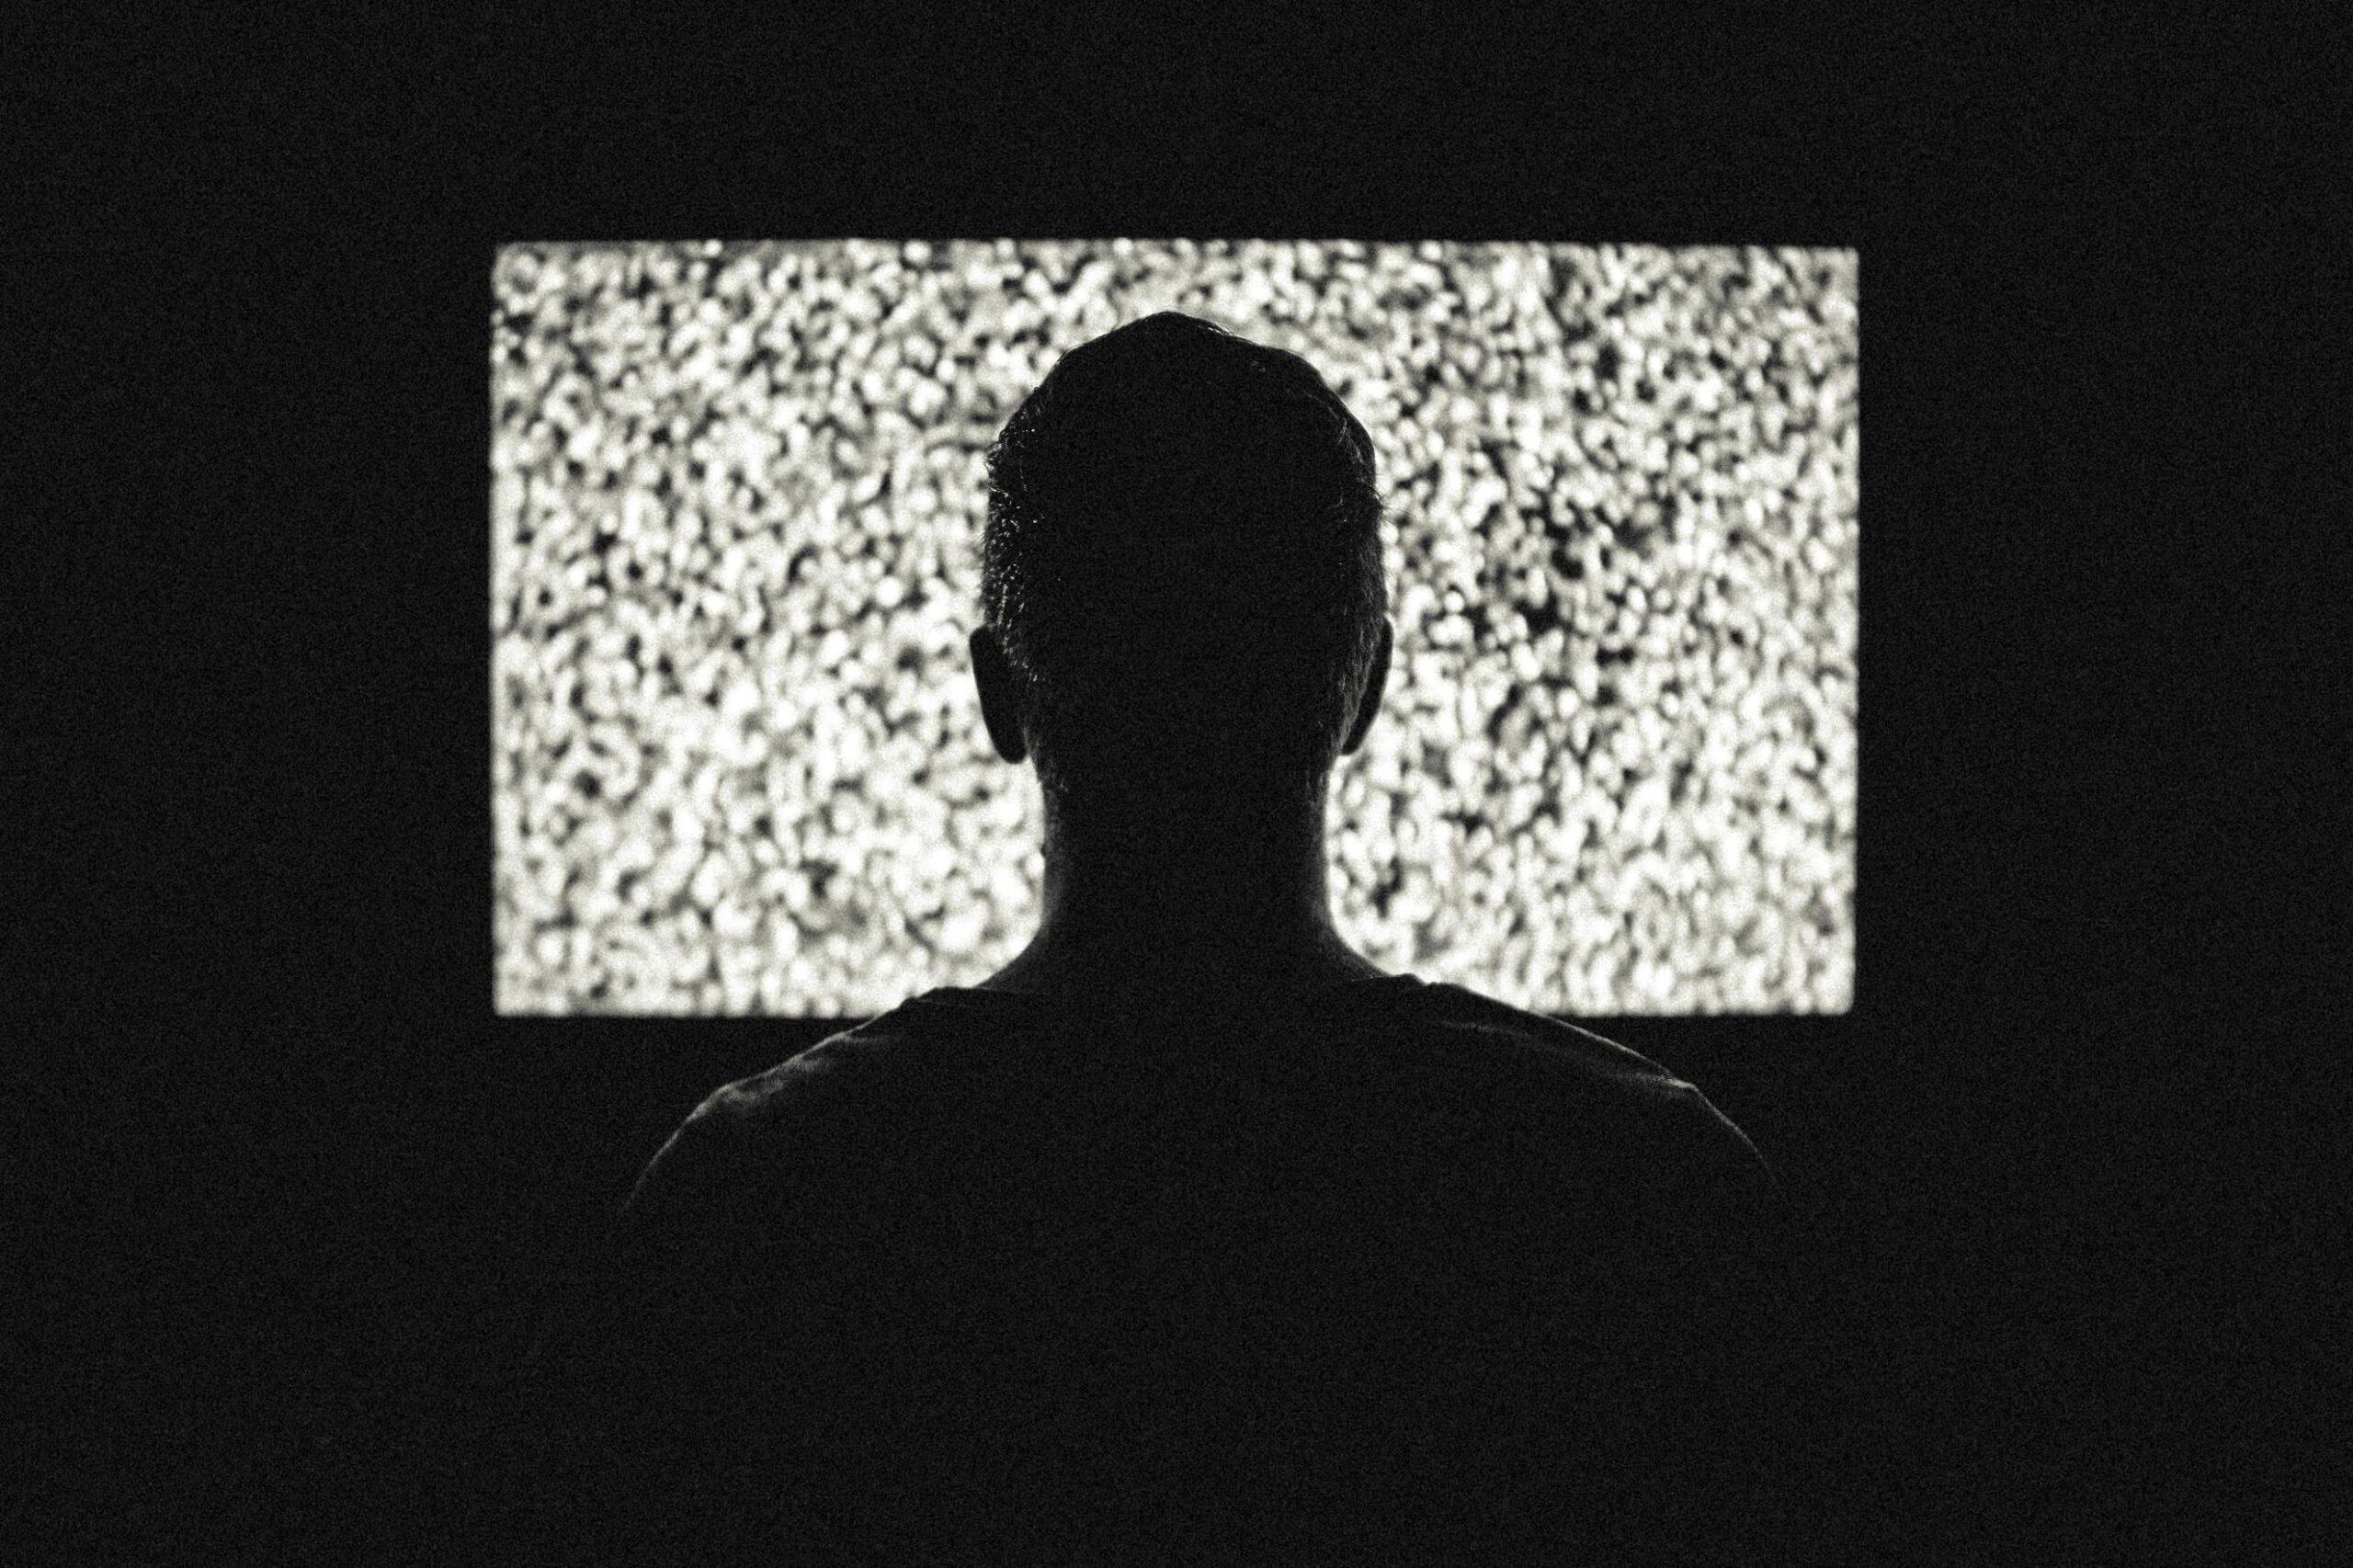 دانلود صدای برفک تلویزیون